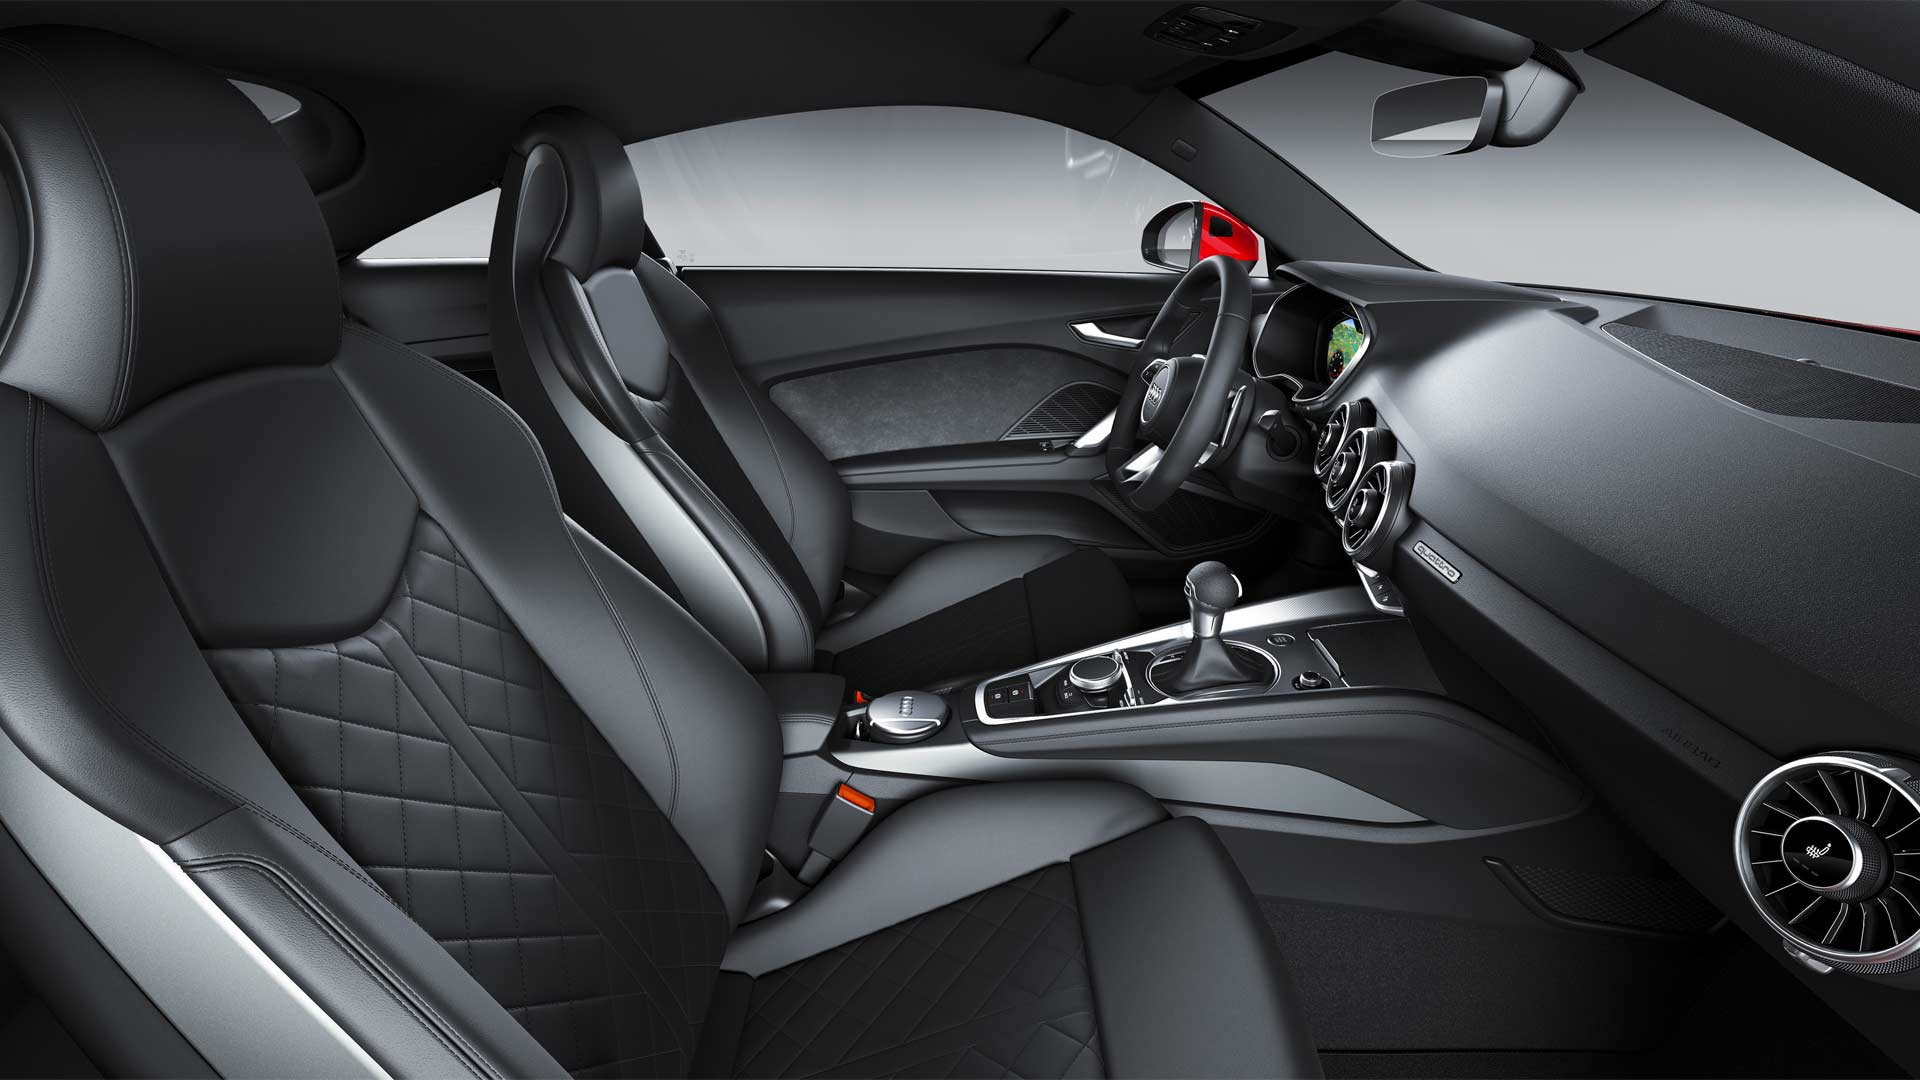 2019-Audi-TT-interior_2